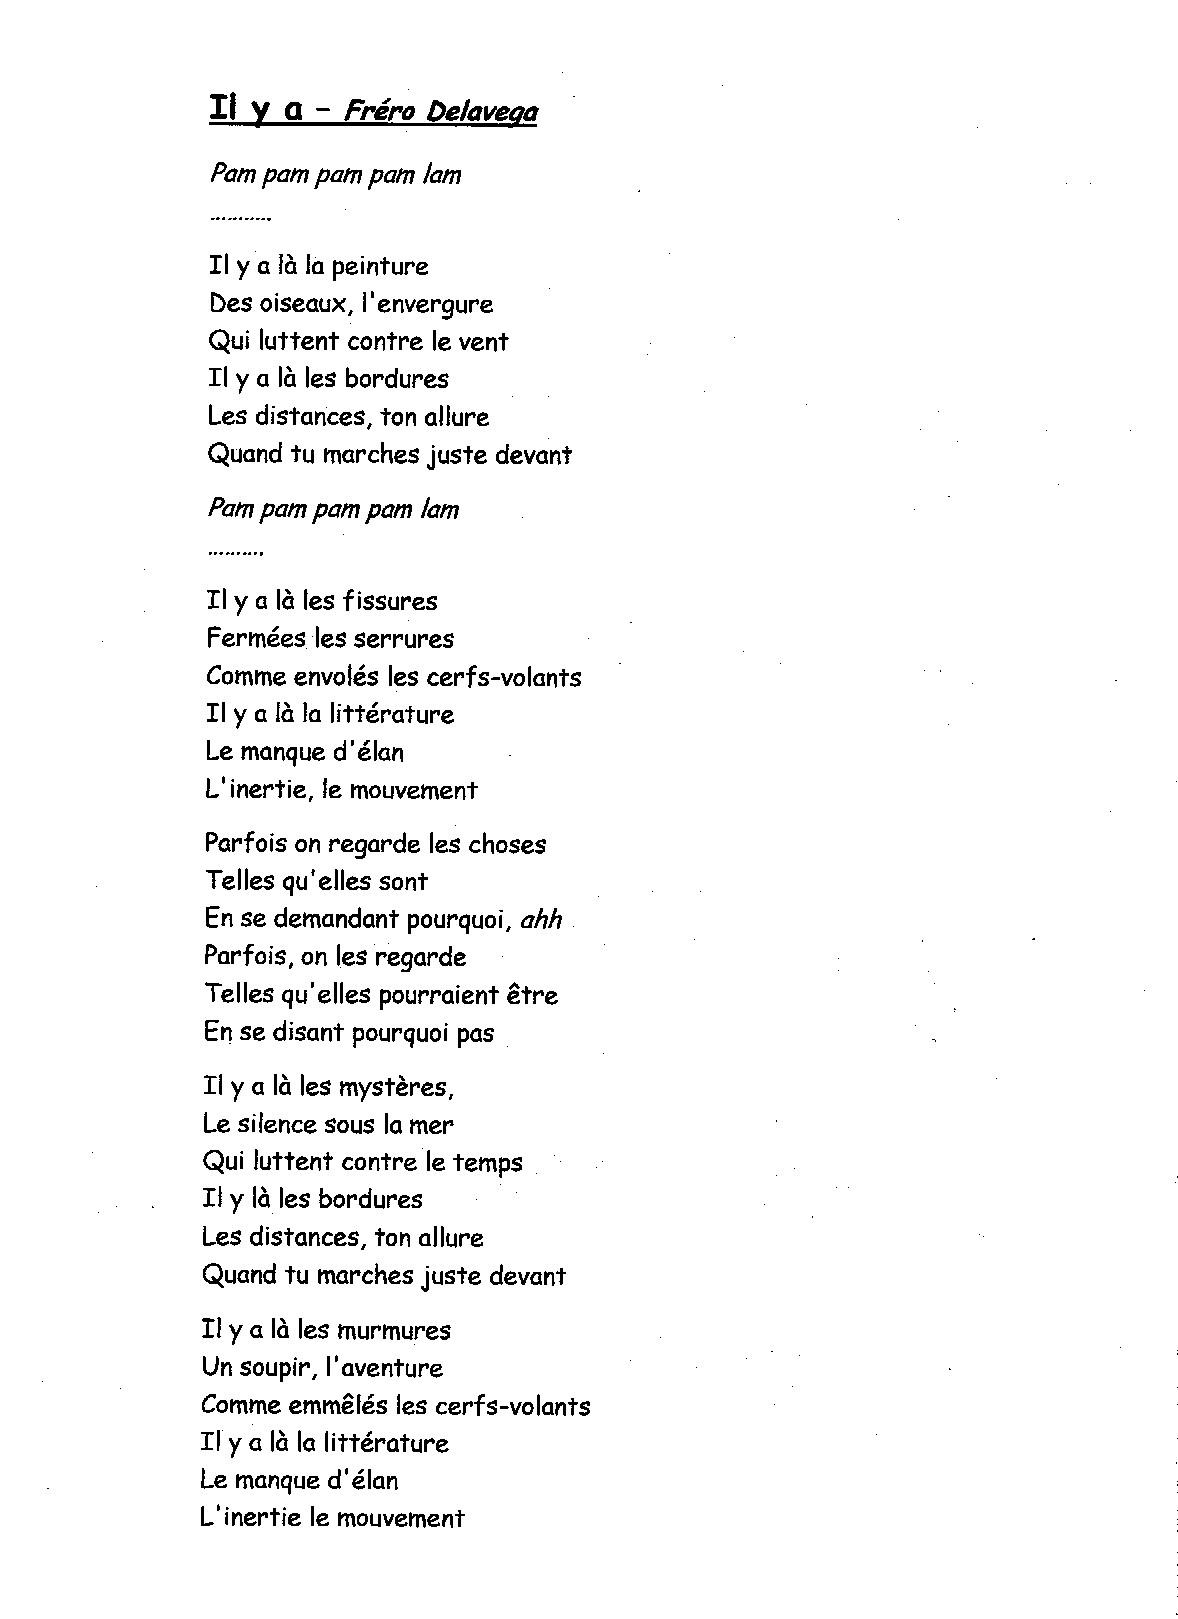 LivretNoel2015 (13)